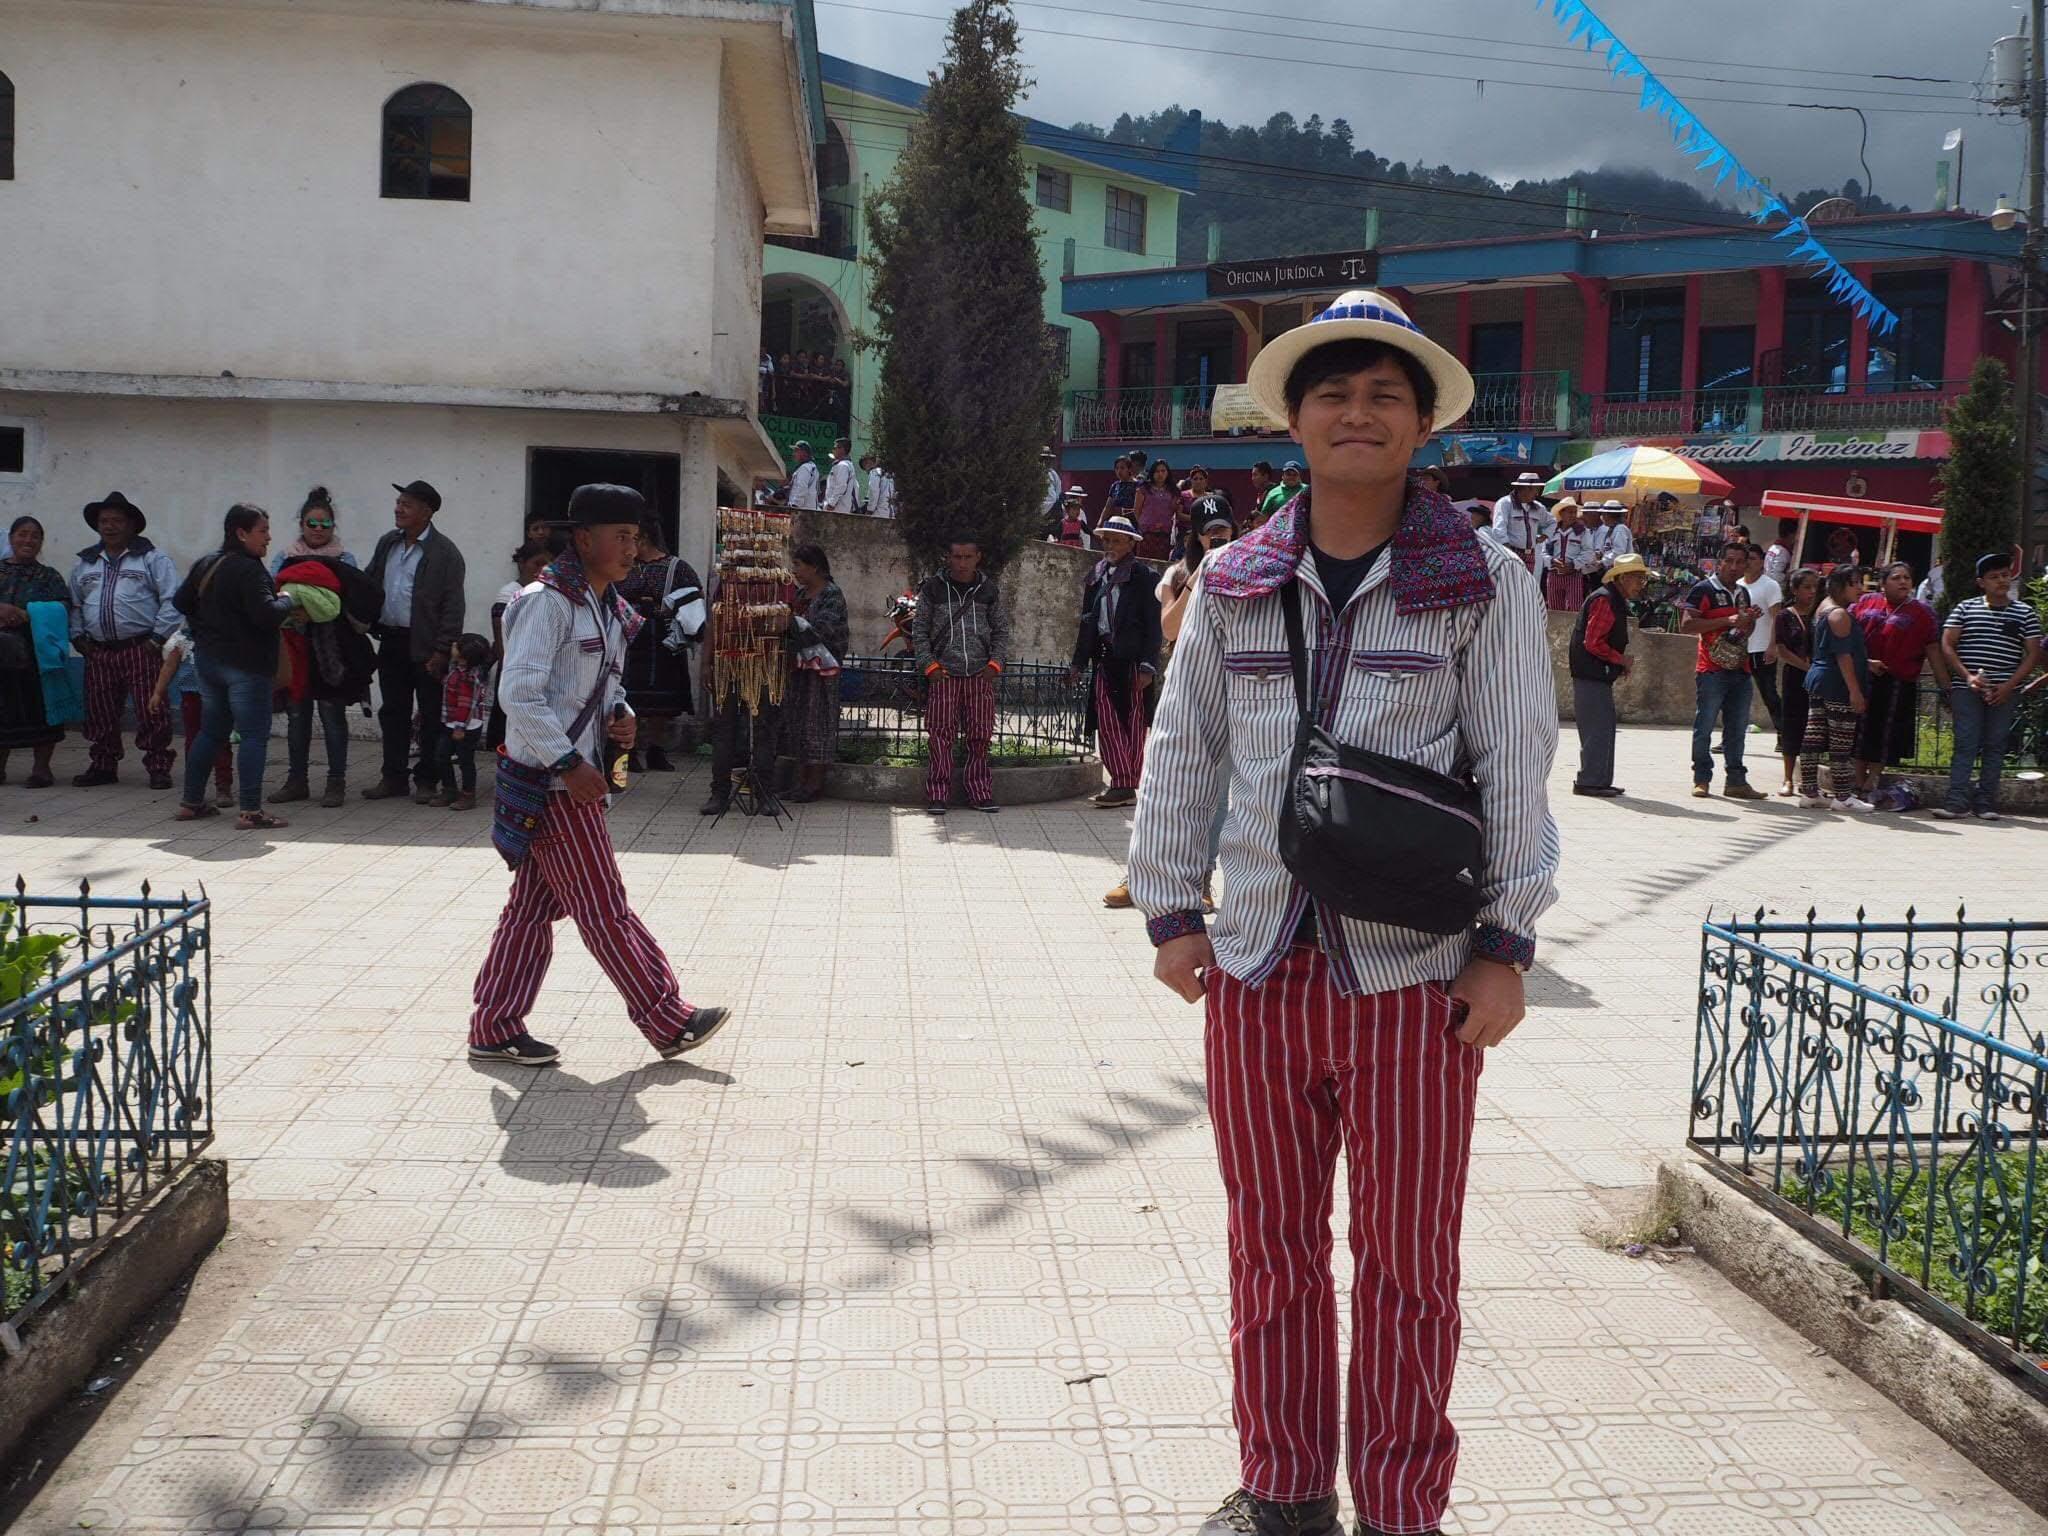 【グアテマラへ行くと決めたきっかけ】人生の選択を迫られ、自分が歩きたい道を行く